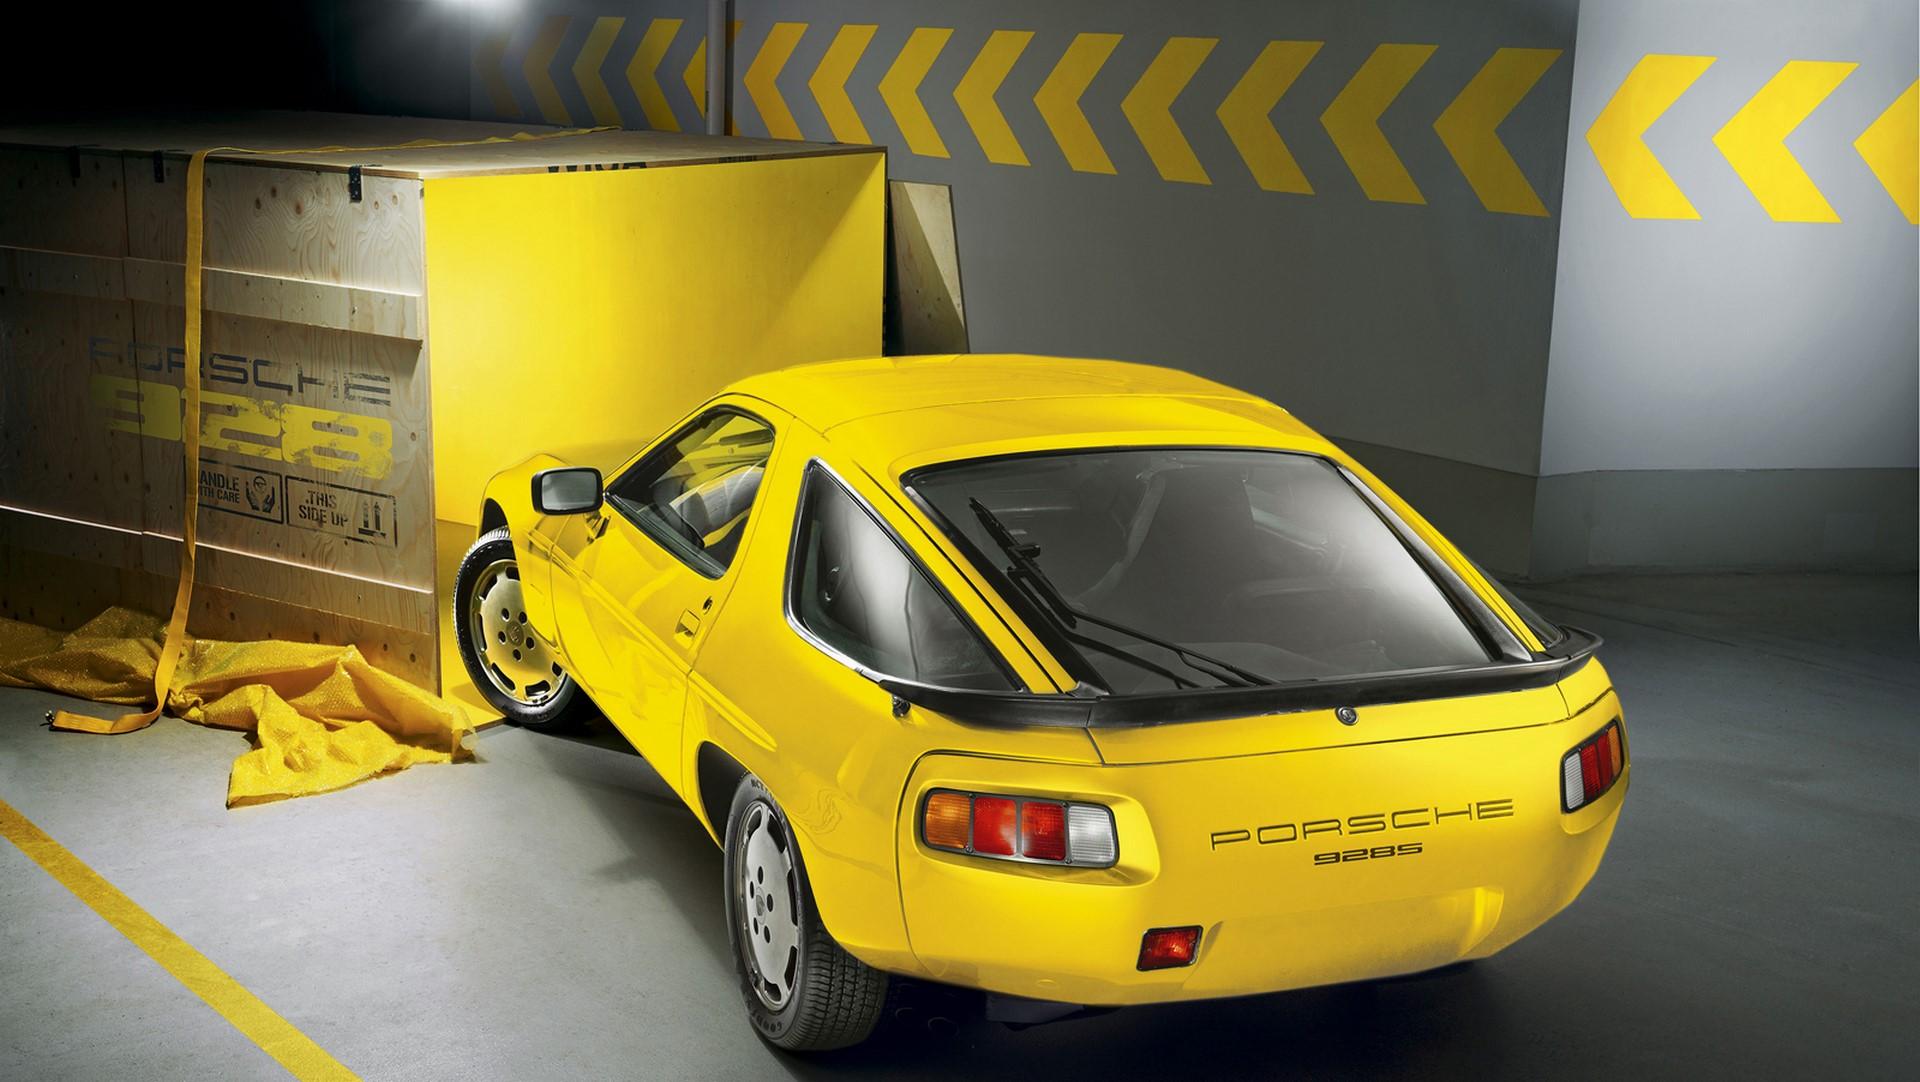 Porsche 928 (11)